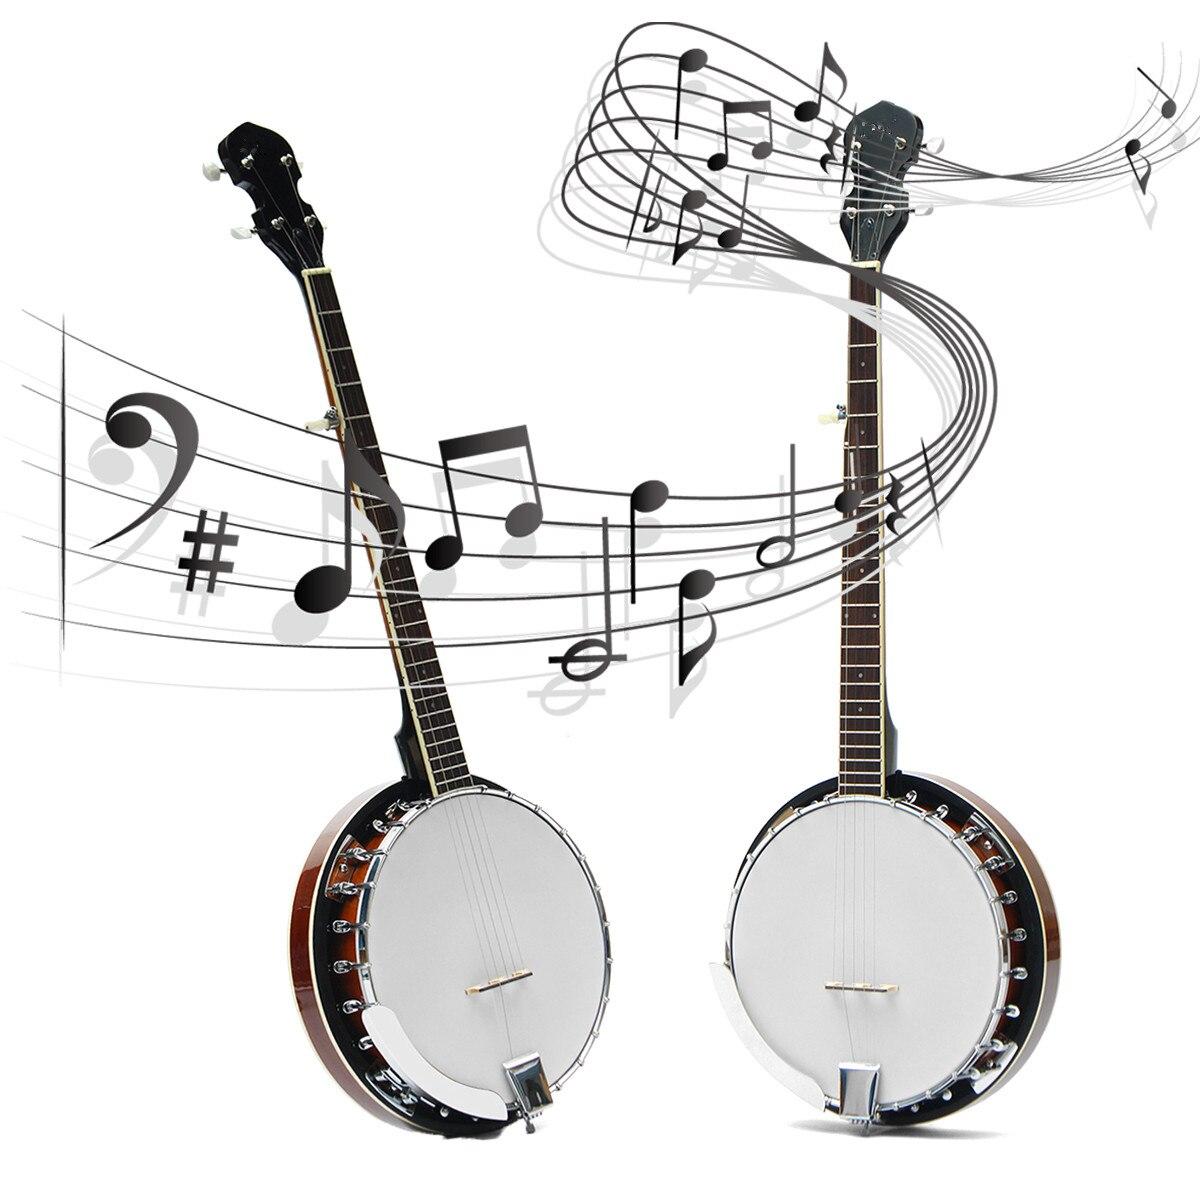 5 cordes Banjo guitare acajou bois traditionnel Western ukulélé Concert basse guitare pour Instruments à cordes musicales